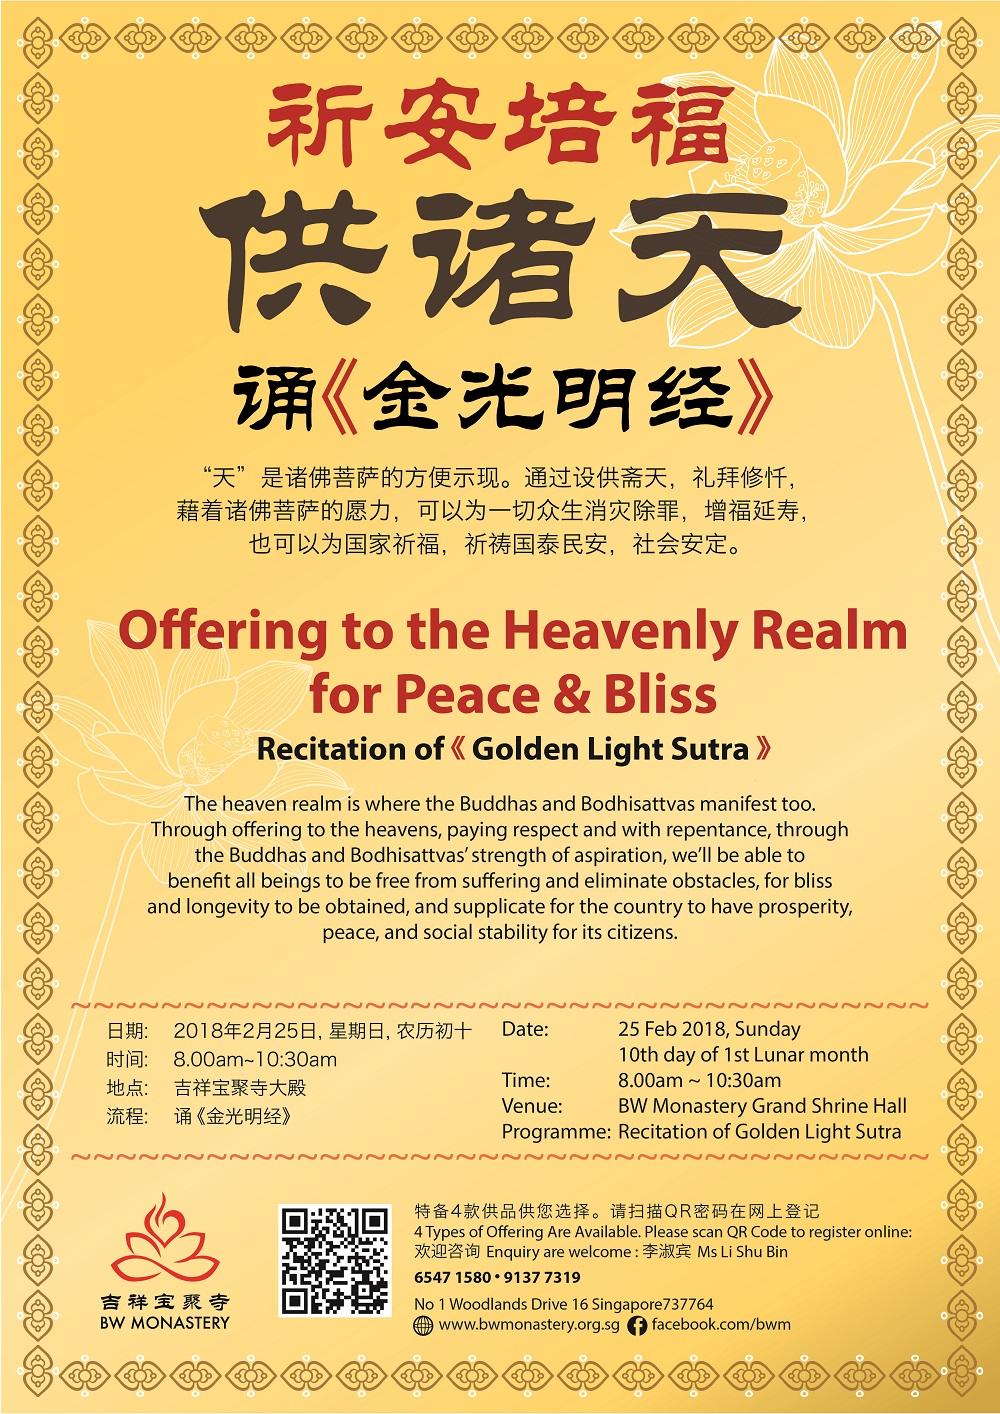 BWM_CNY 供诸天Poster.jpg